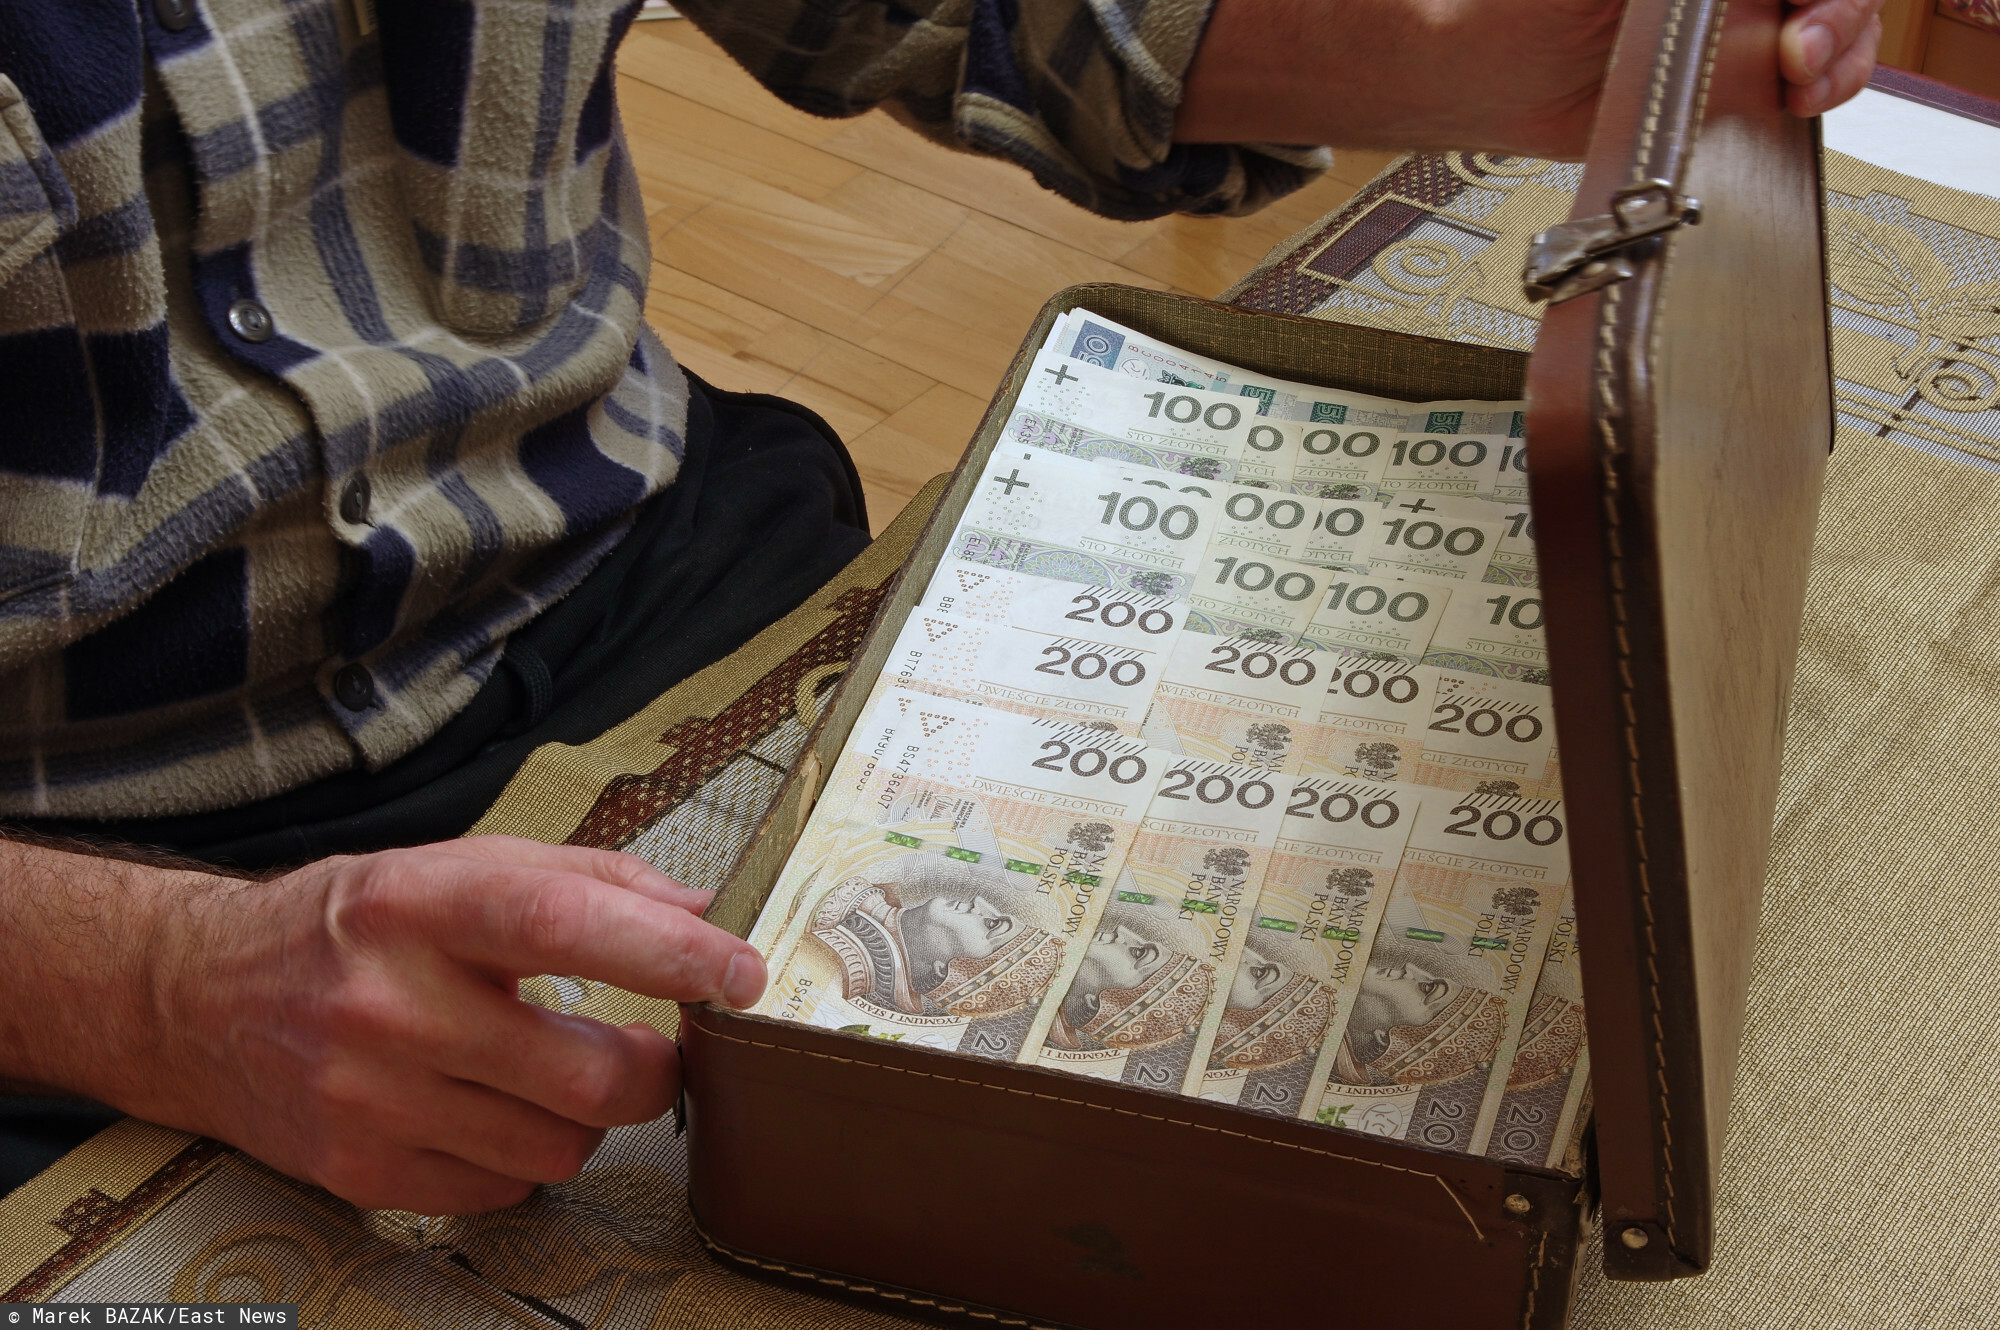 """Fot. Zofia i Marek Bazak/East News Bank w domu, walizka pelna pieniedzy, wielu seniorow trzyma swoje oszczednosci w domu, nie posiadajac kont bankowych padaja ofiara przestepcow wyludzajacych oszczednoscu calego zycia metodami """"na wnuczka"""" lub """"na policjanta""""."""